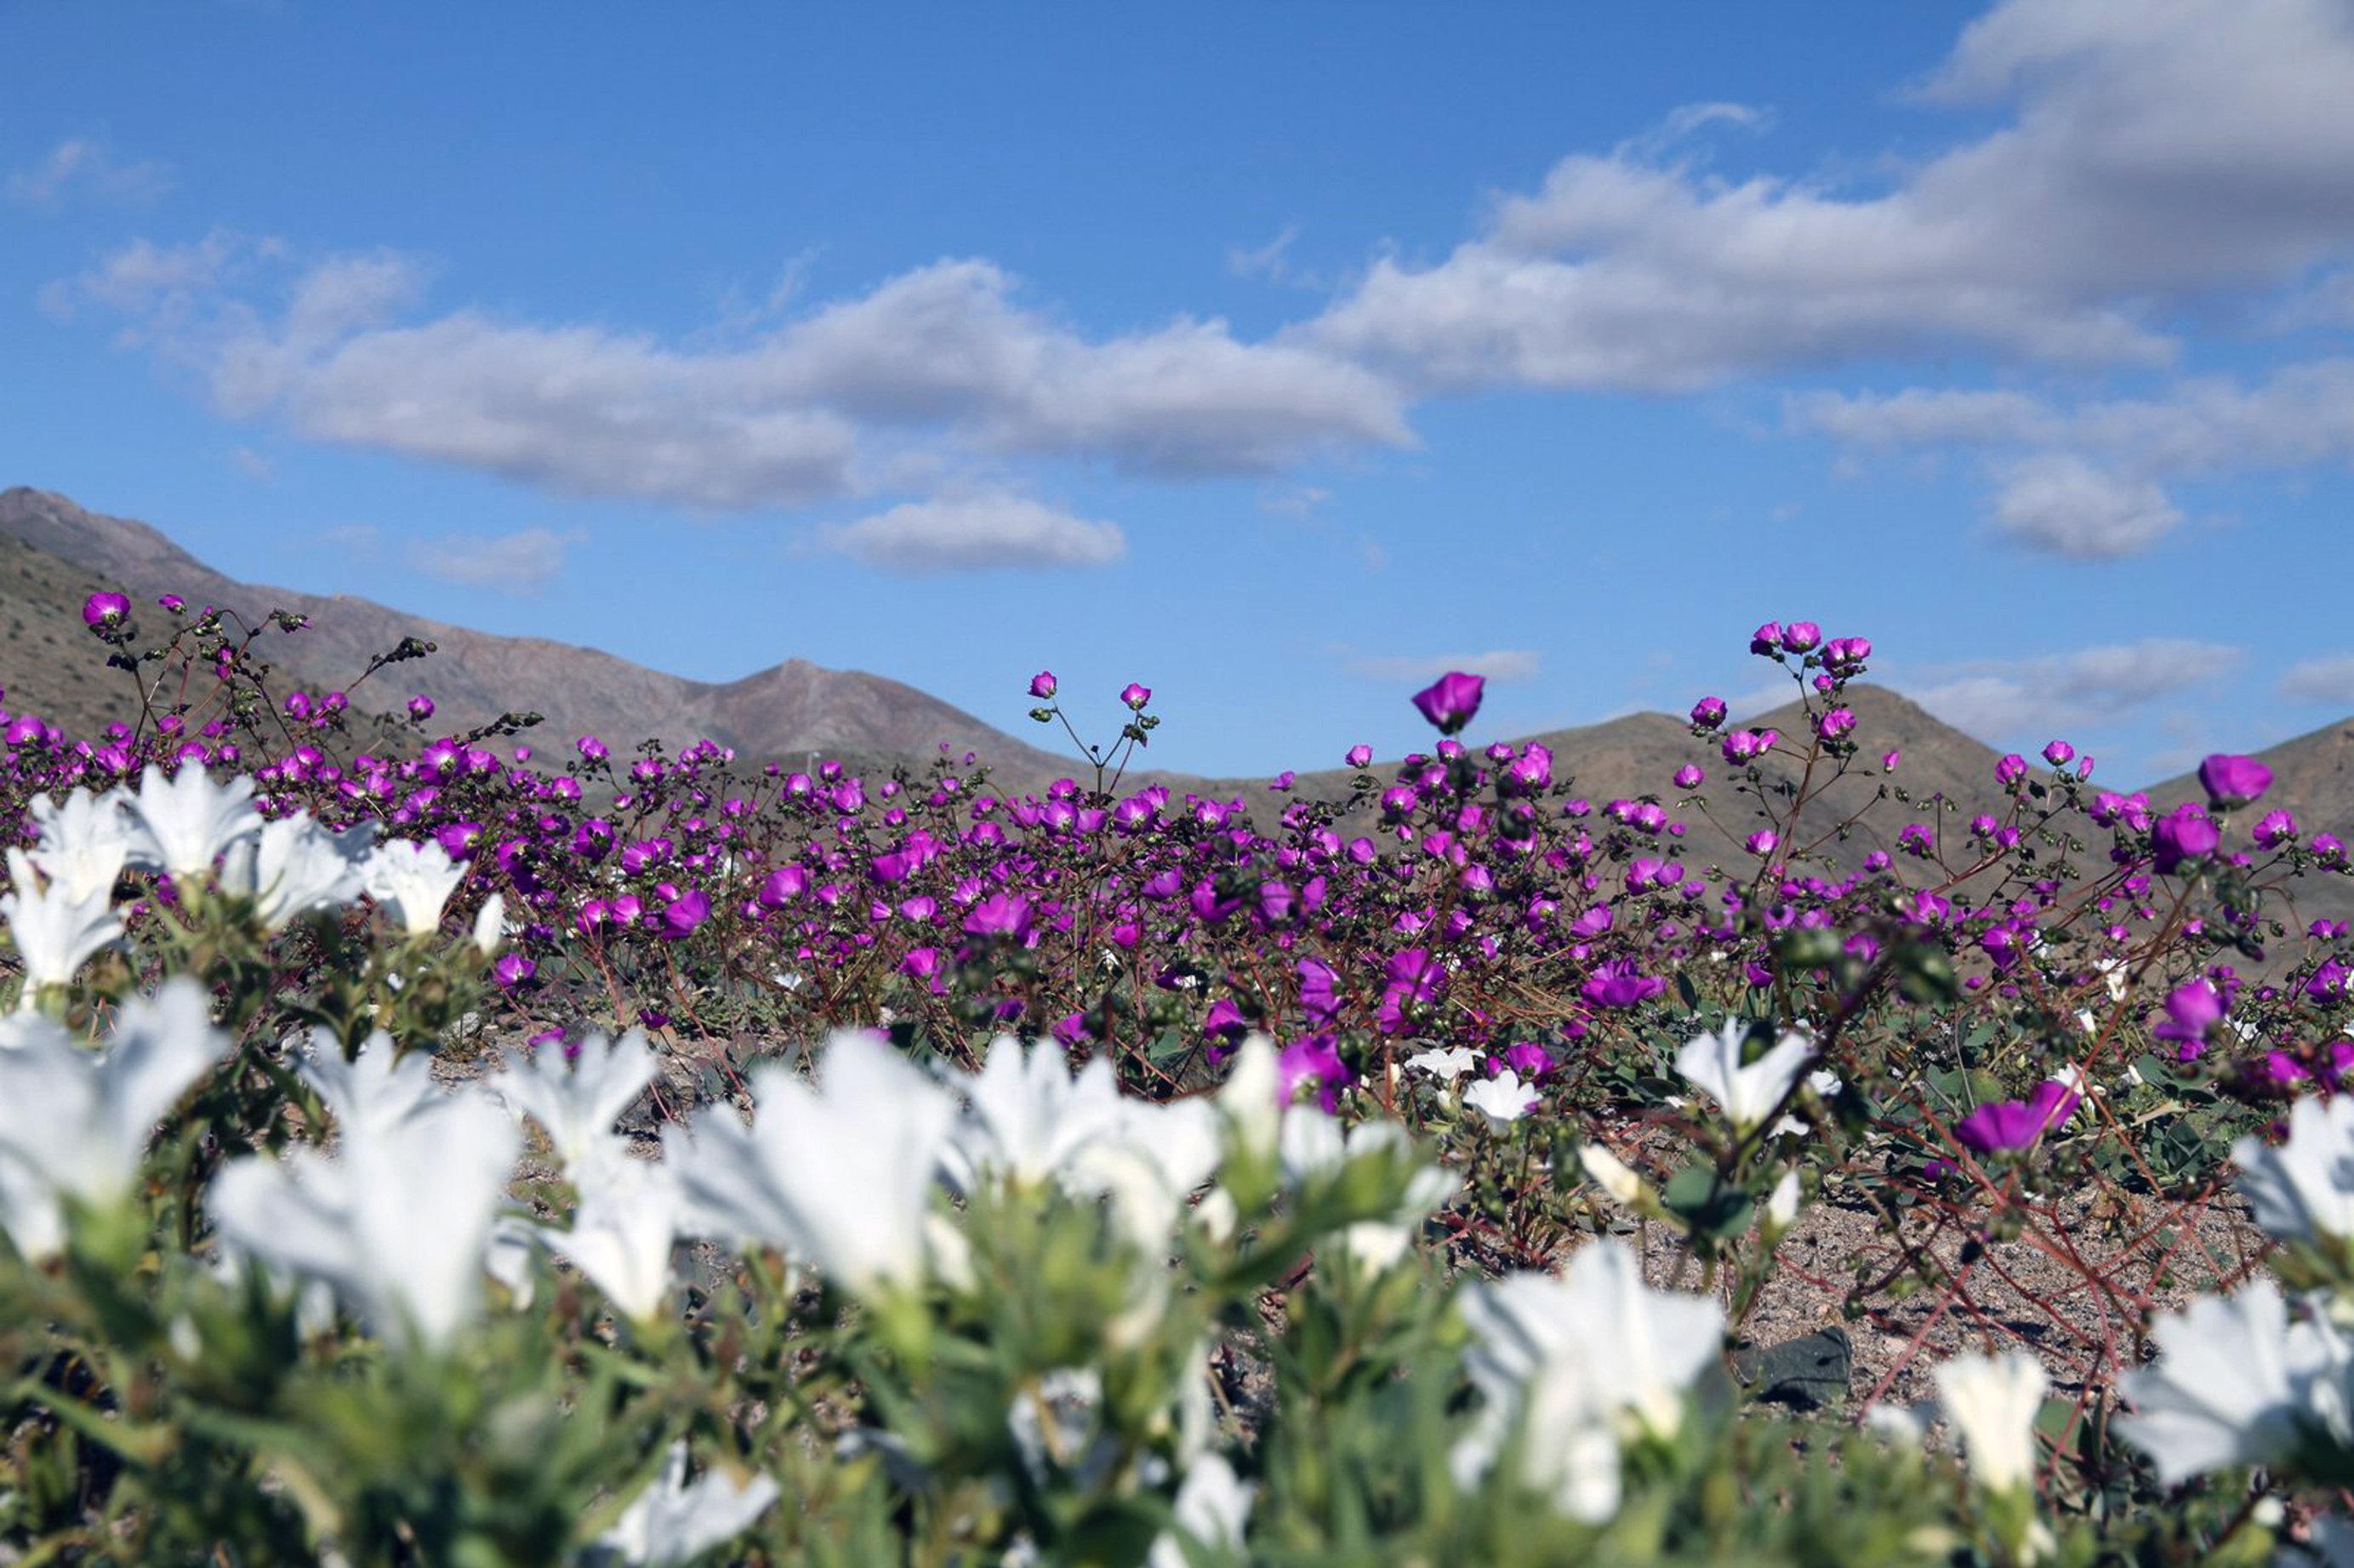 As flores florescem na região de Huasco no deserto de Atacama, cerca de 600 quilômetros ao norte de Santiago